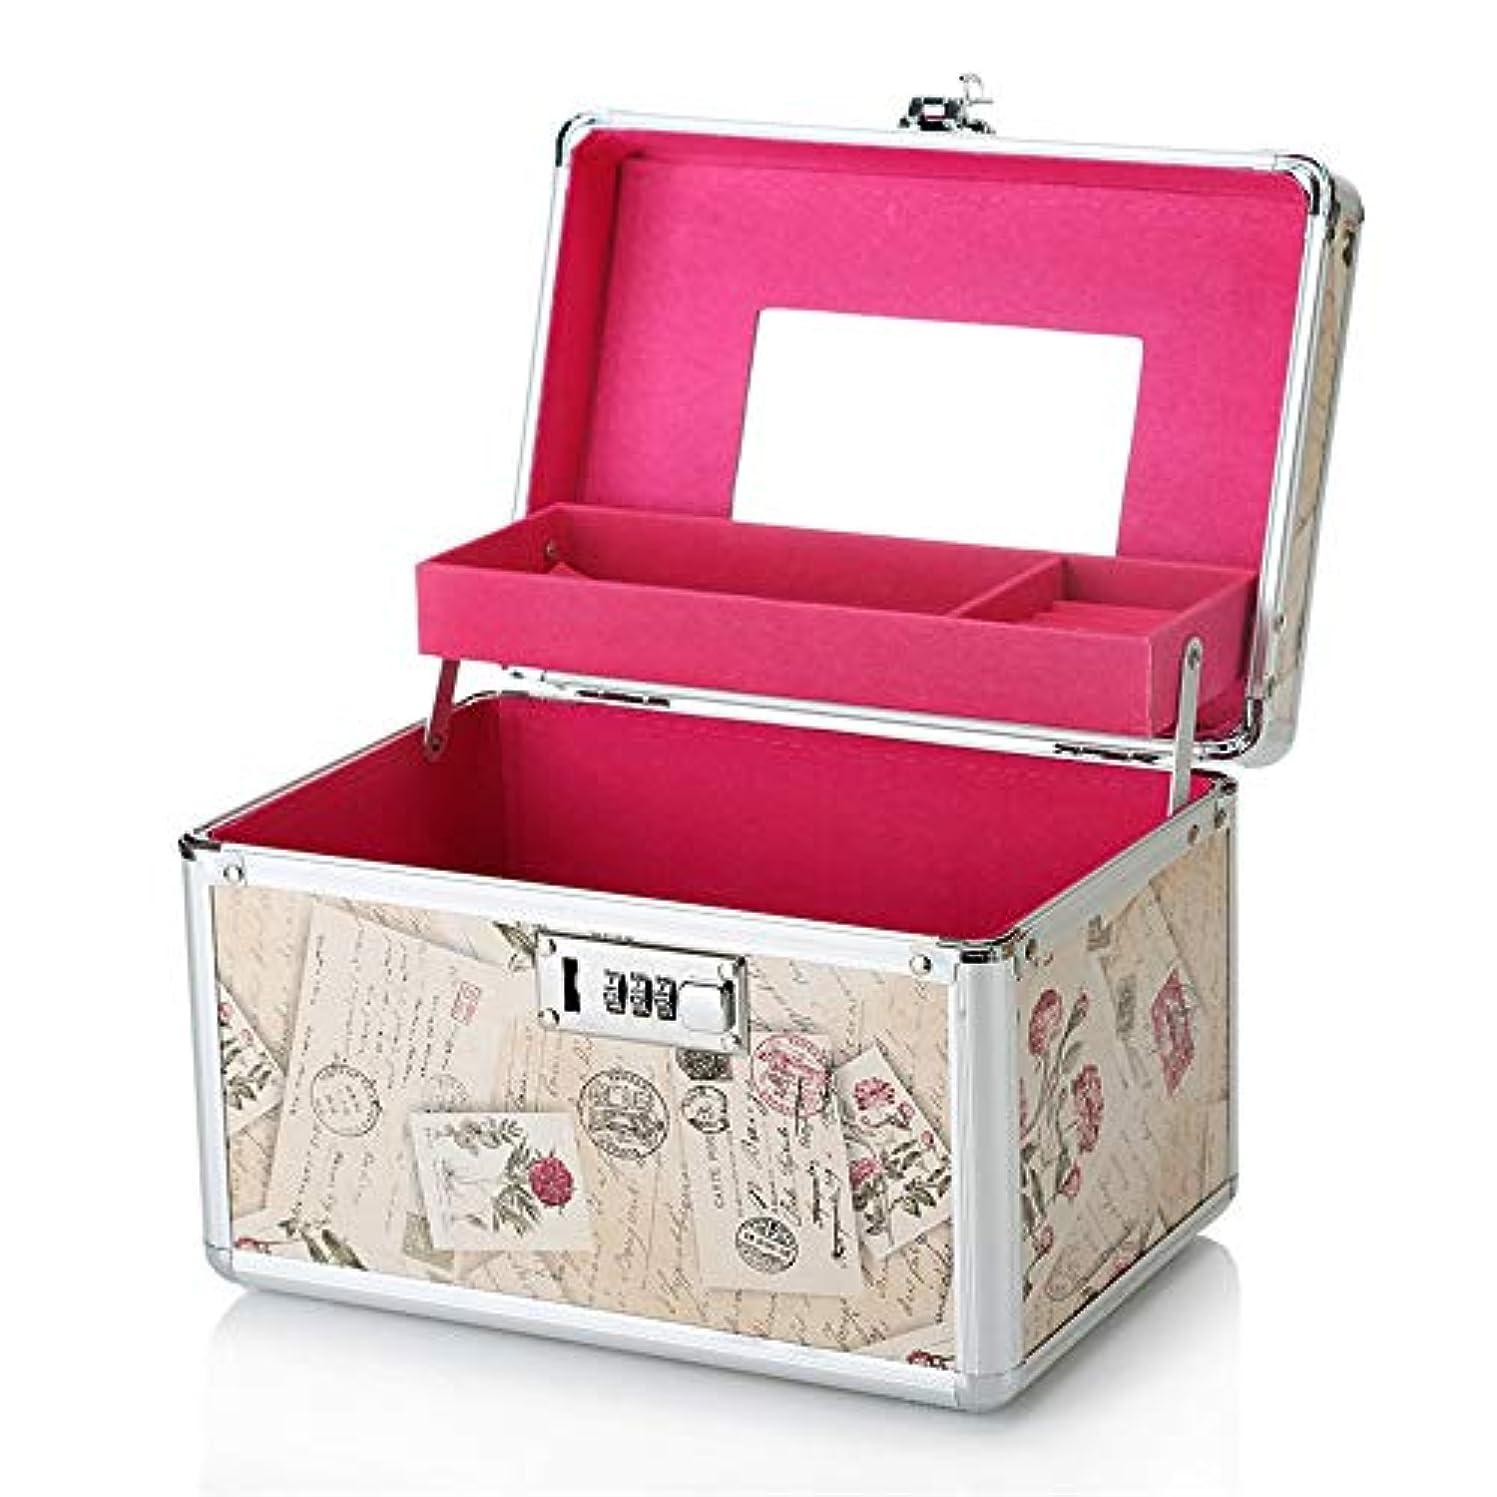 特大スペース収納ビューティーボックス 美の構造のためそしてジッパーおよび折る皿が付いている女の子の女性旅行そして毎日の貯蔵のための高容量の携帯用化粧品袋 化粧品化粧台